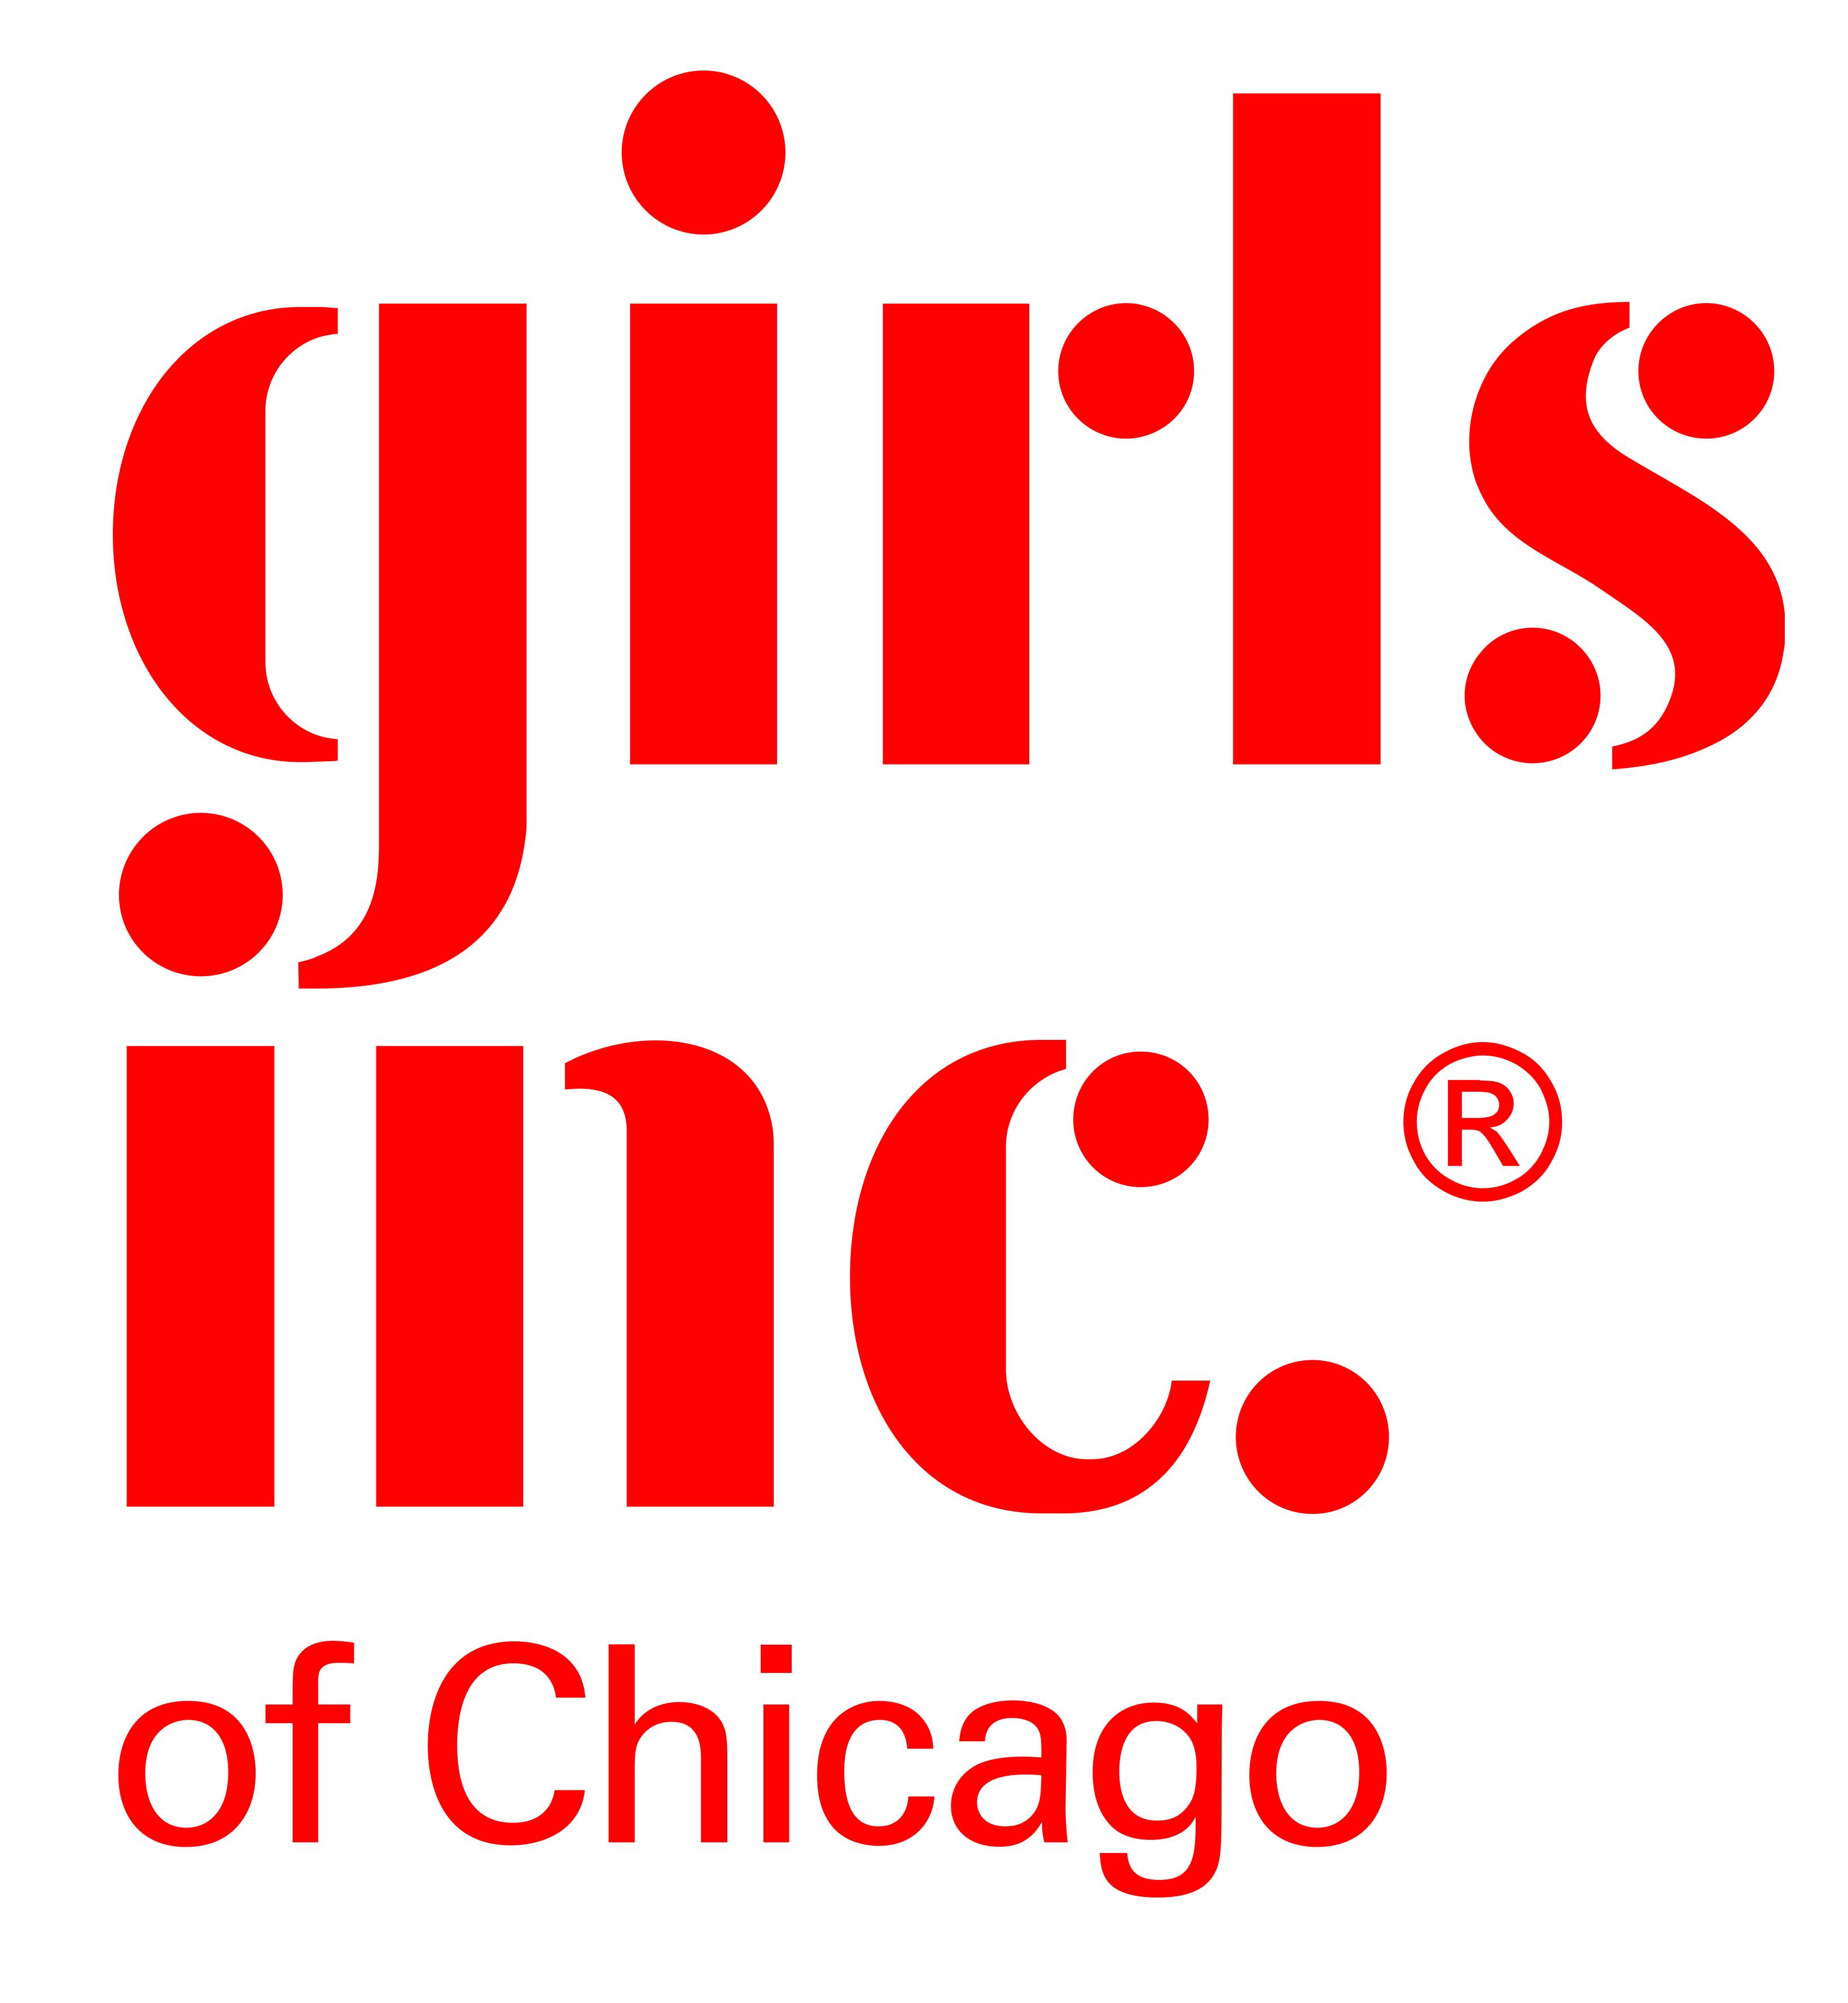 http://https://girlsincofchicago.org/